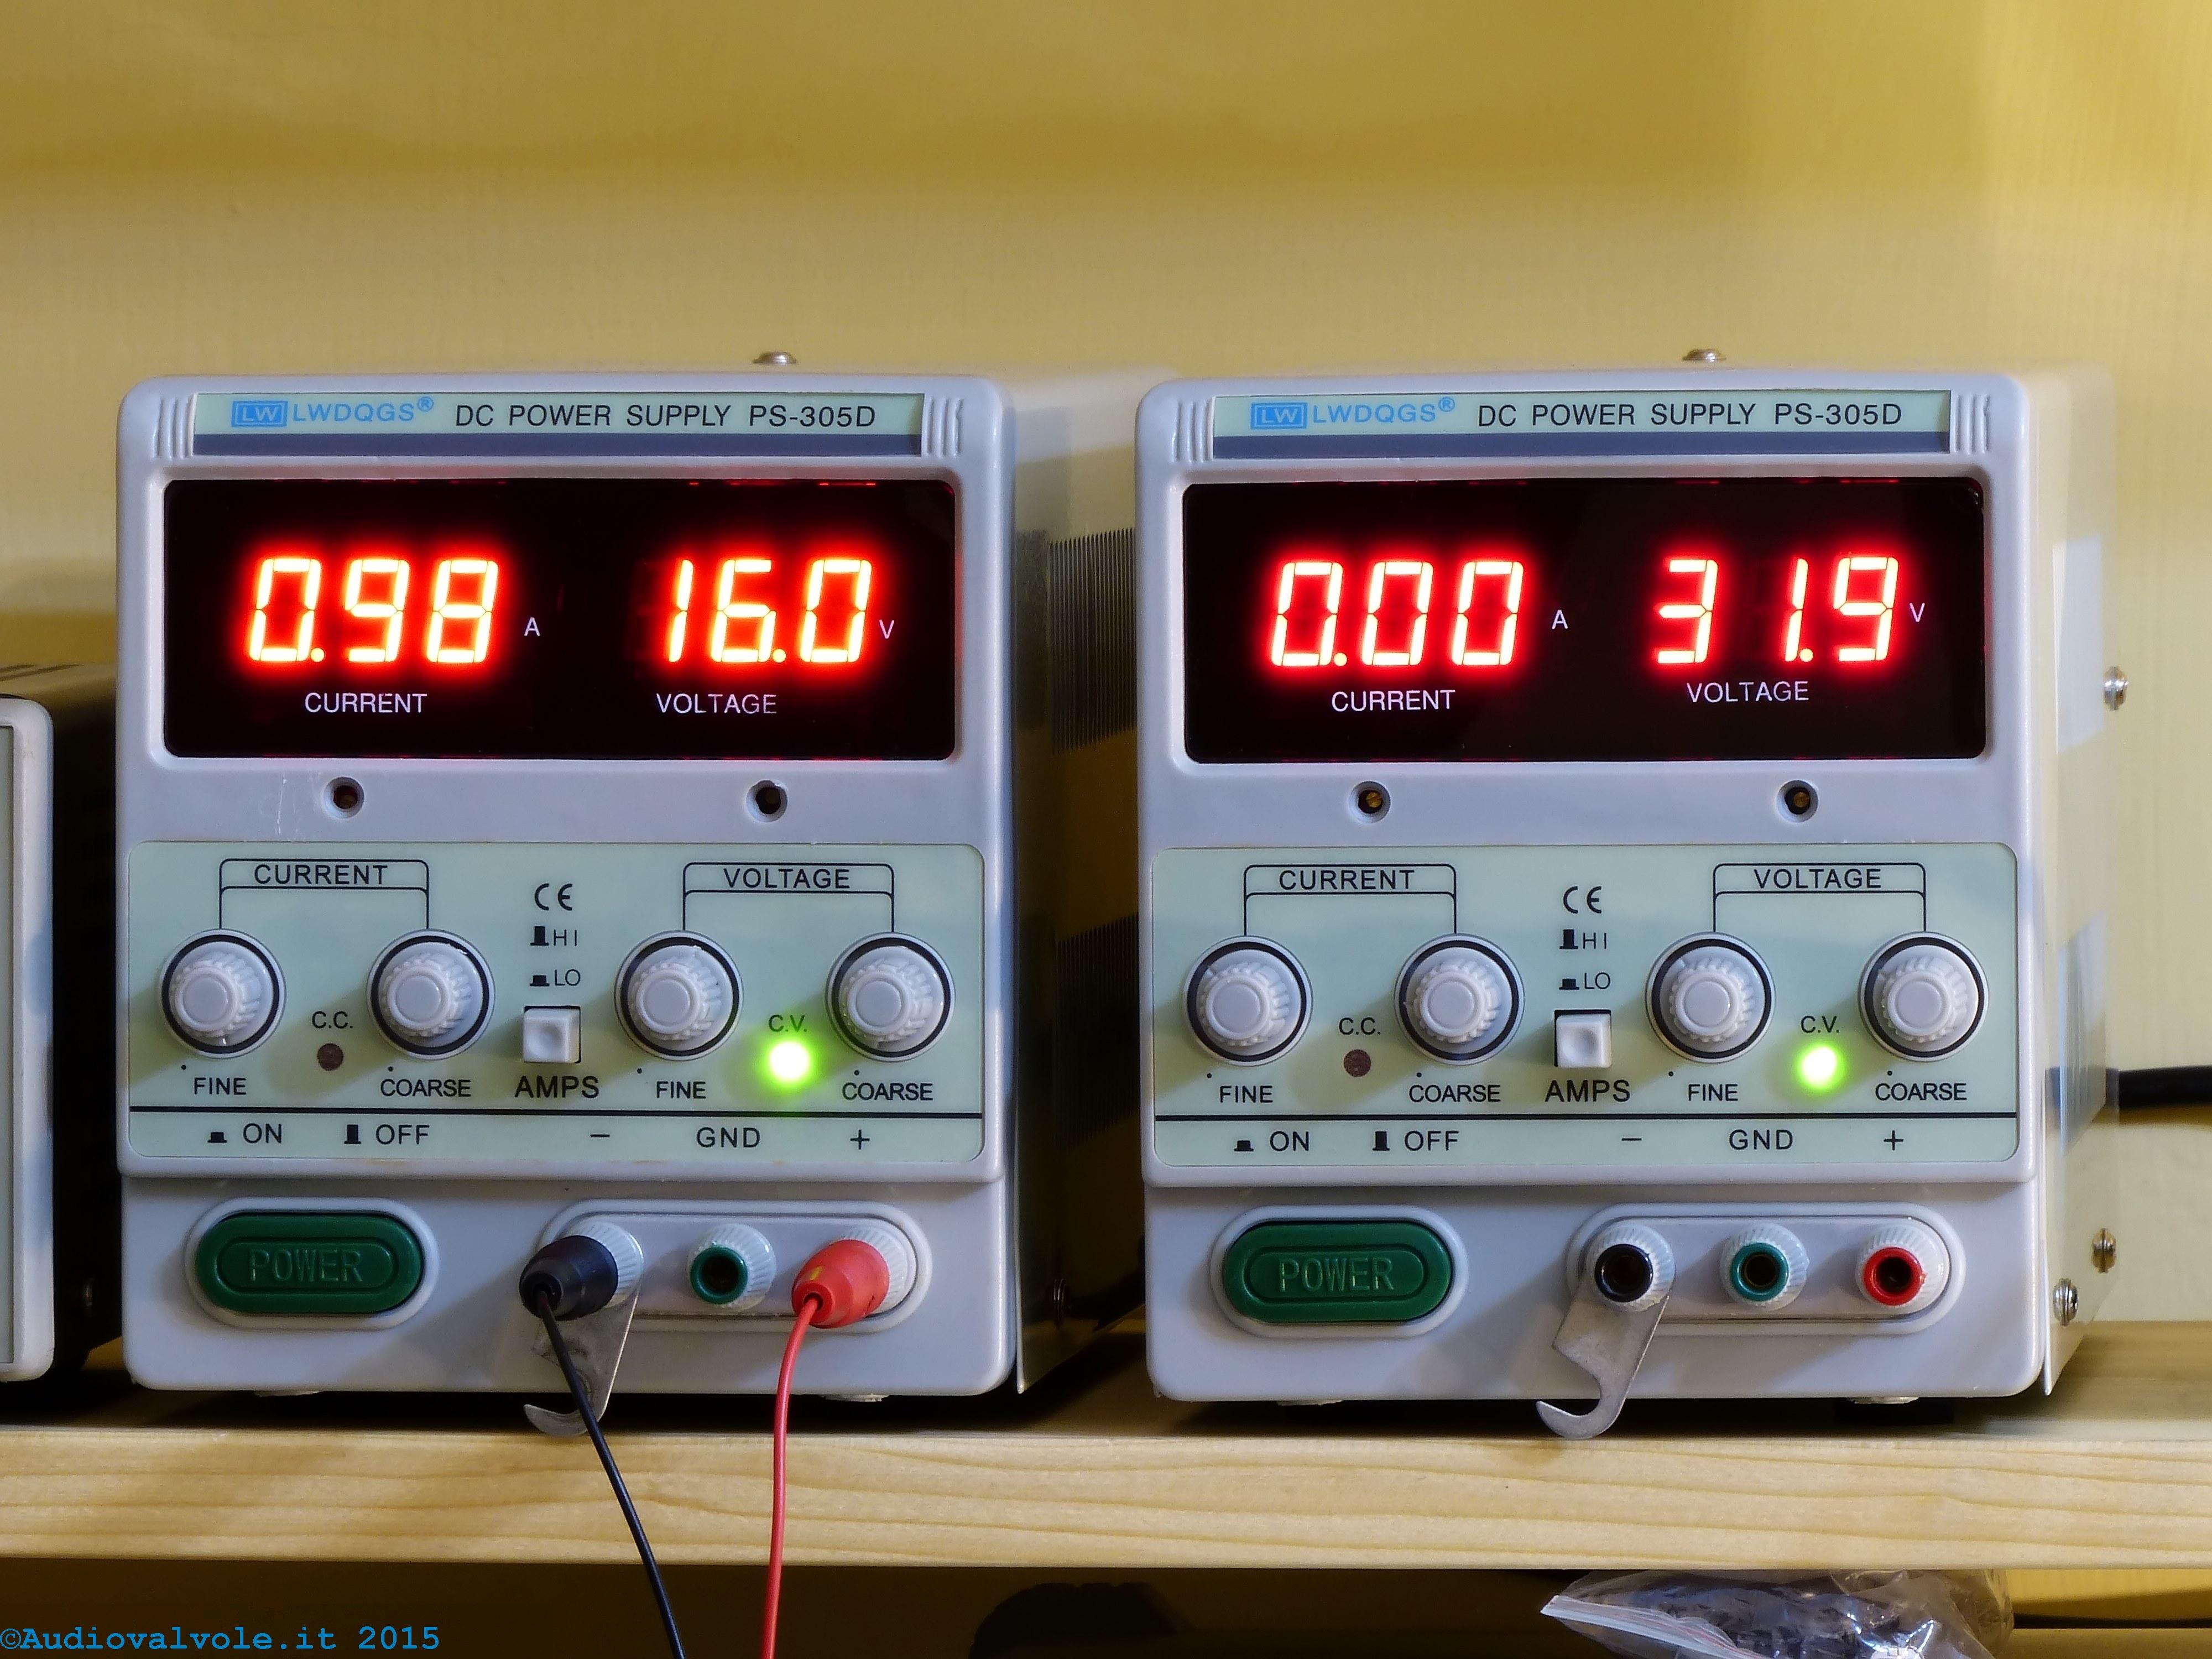 Schema Elettrico Alimentatore : Urmet alimentatore citofonico doppio generatore di nota per